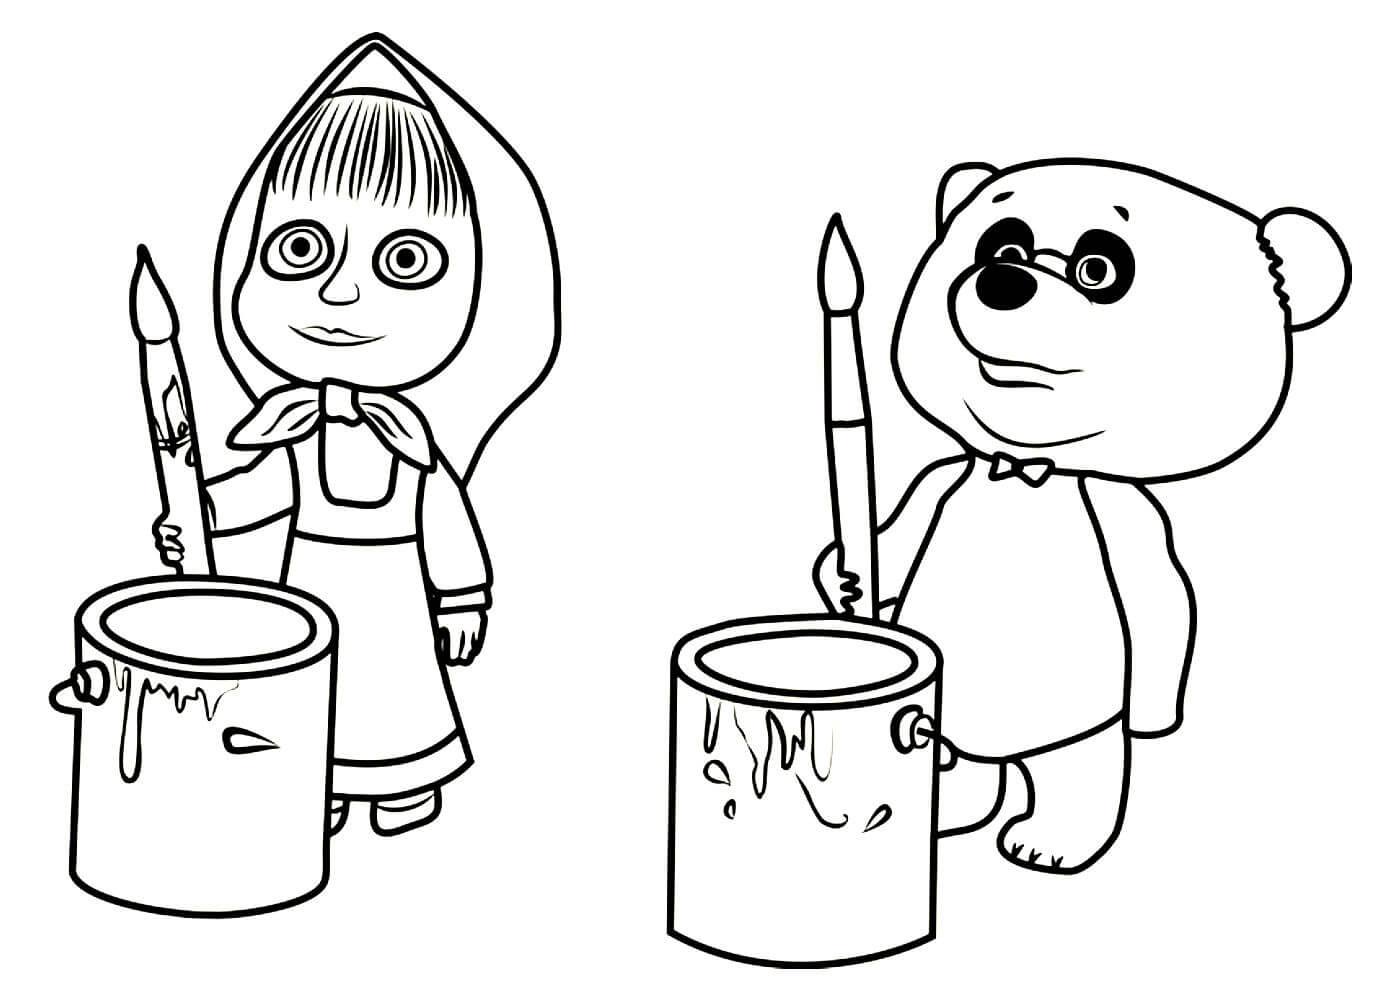 Раскраски Маша и медведь распечатать или скачать бесплатно ...